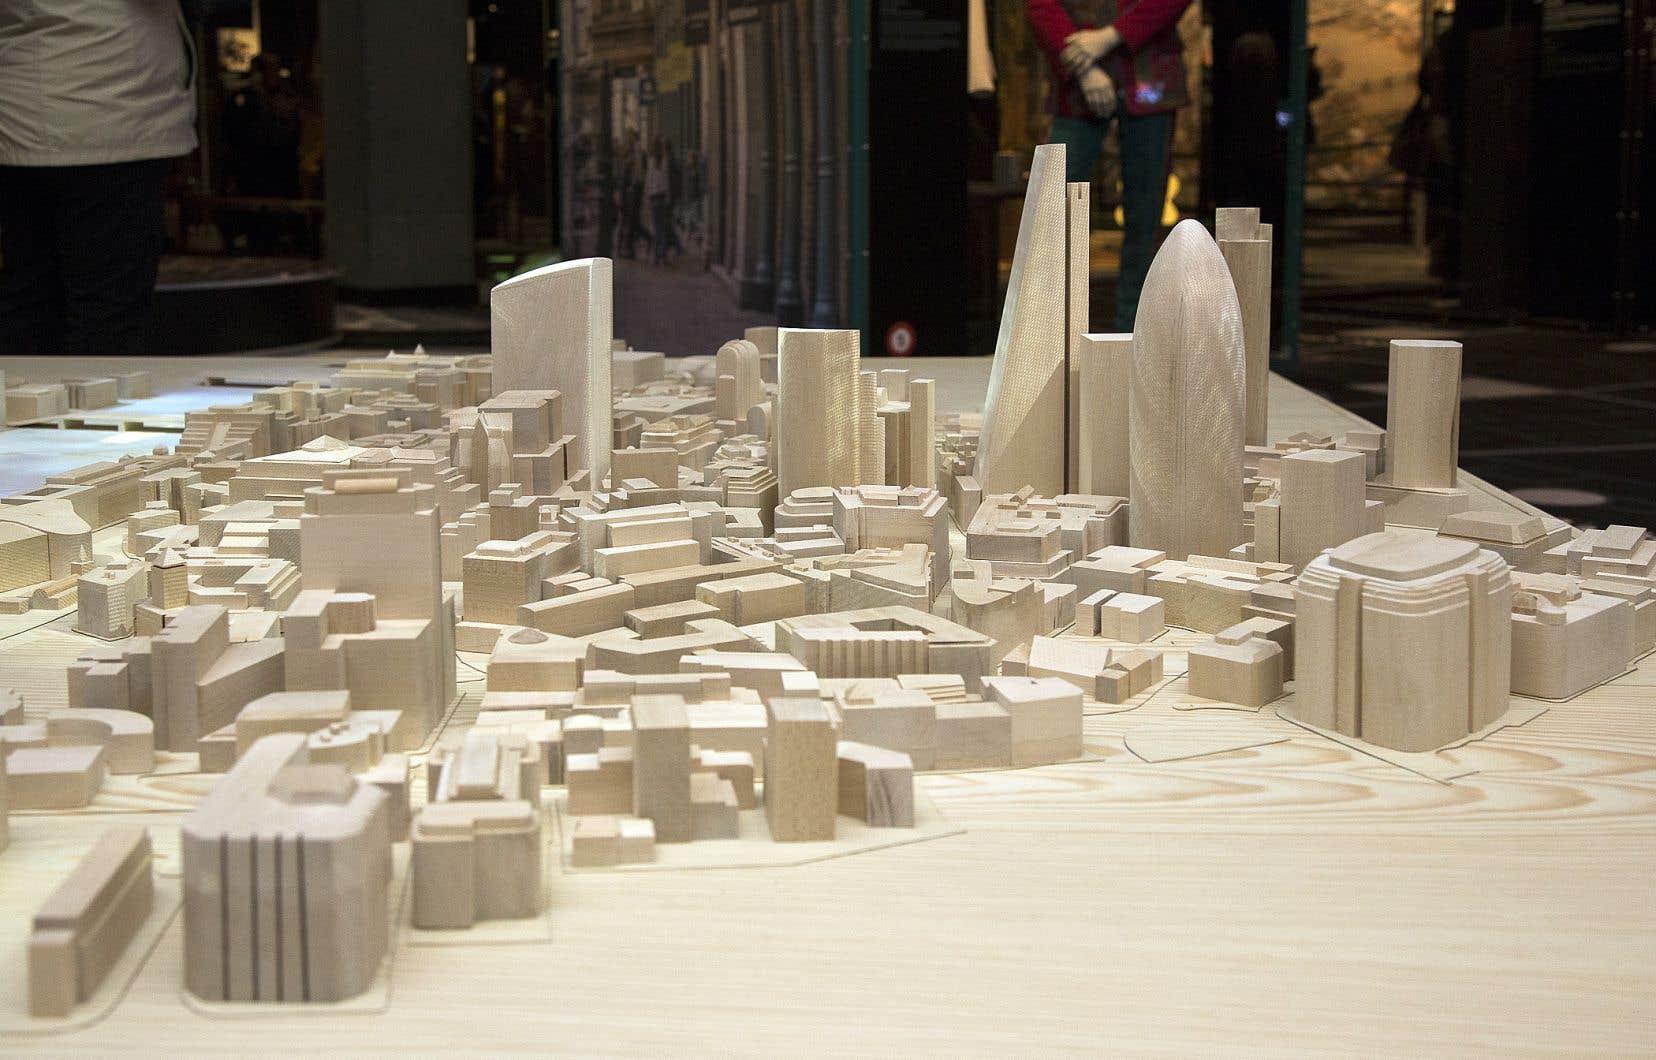 On retrouve notamment dans l'exposition «Ici Londres» une maquette du cœur économique de Londres (la City) au centre de la salle.